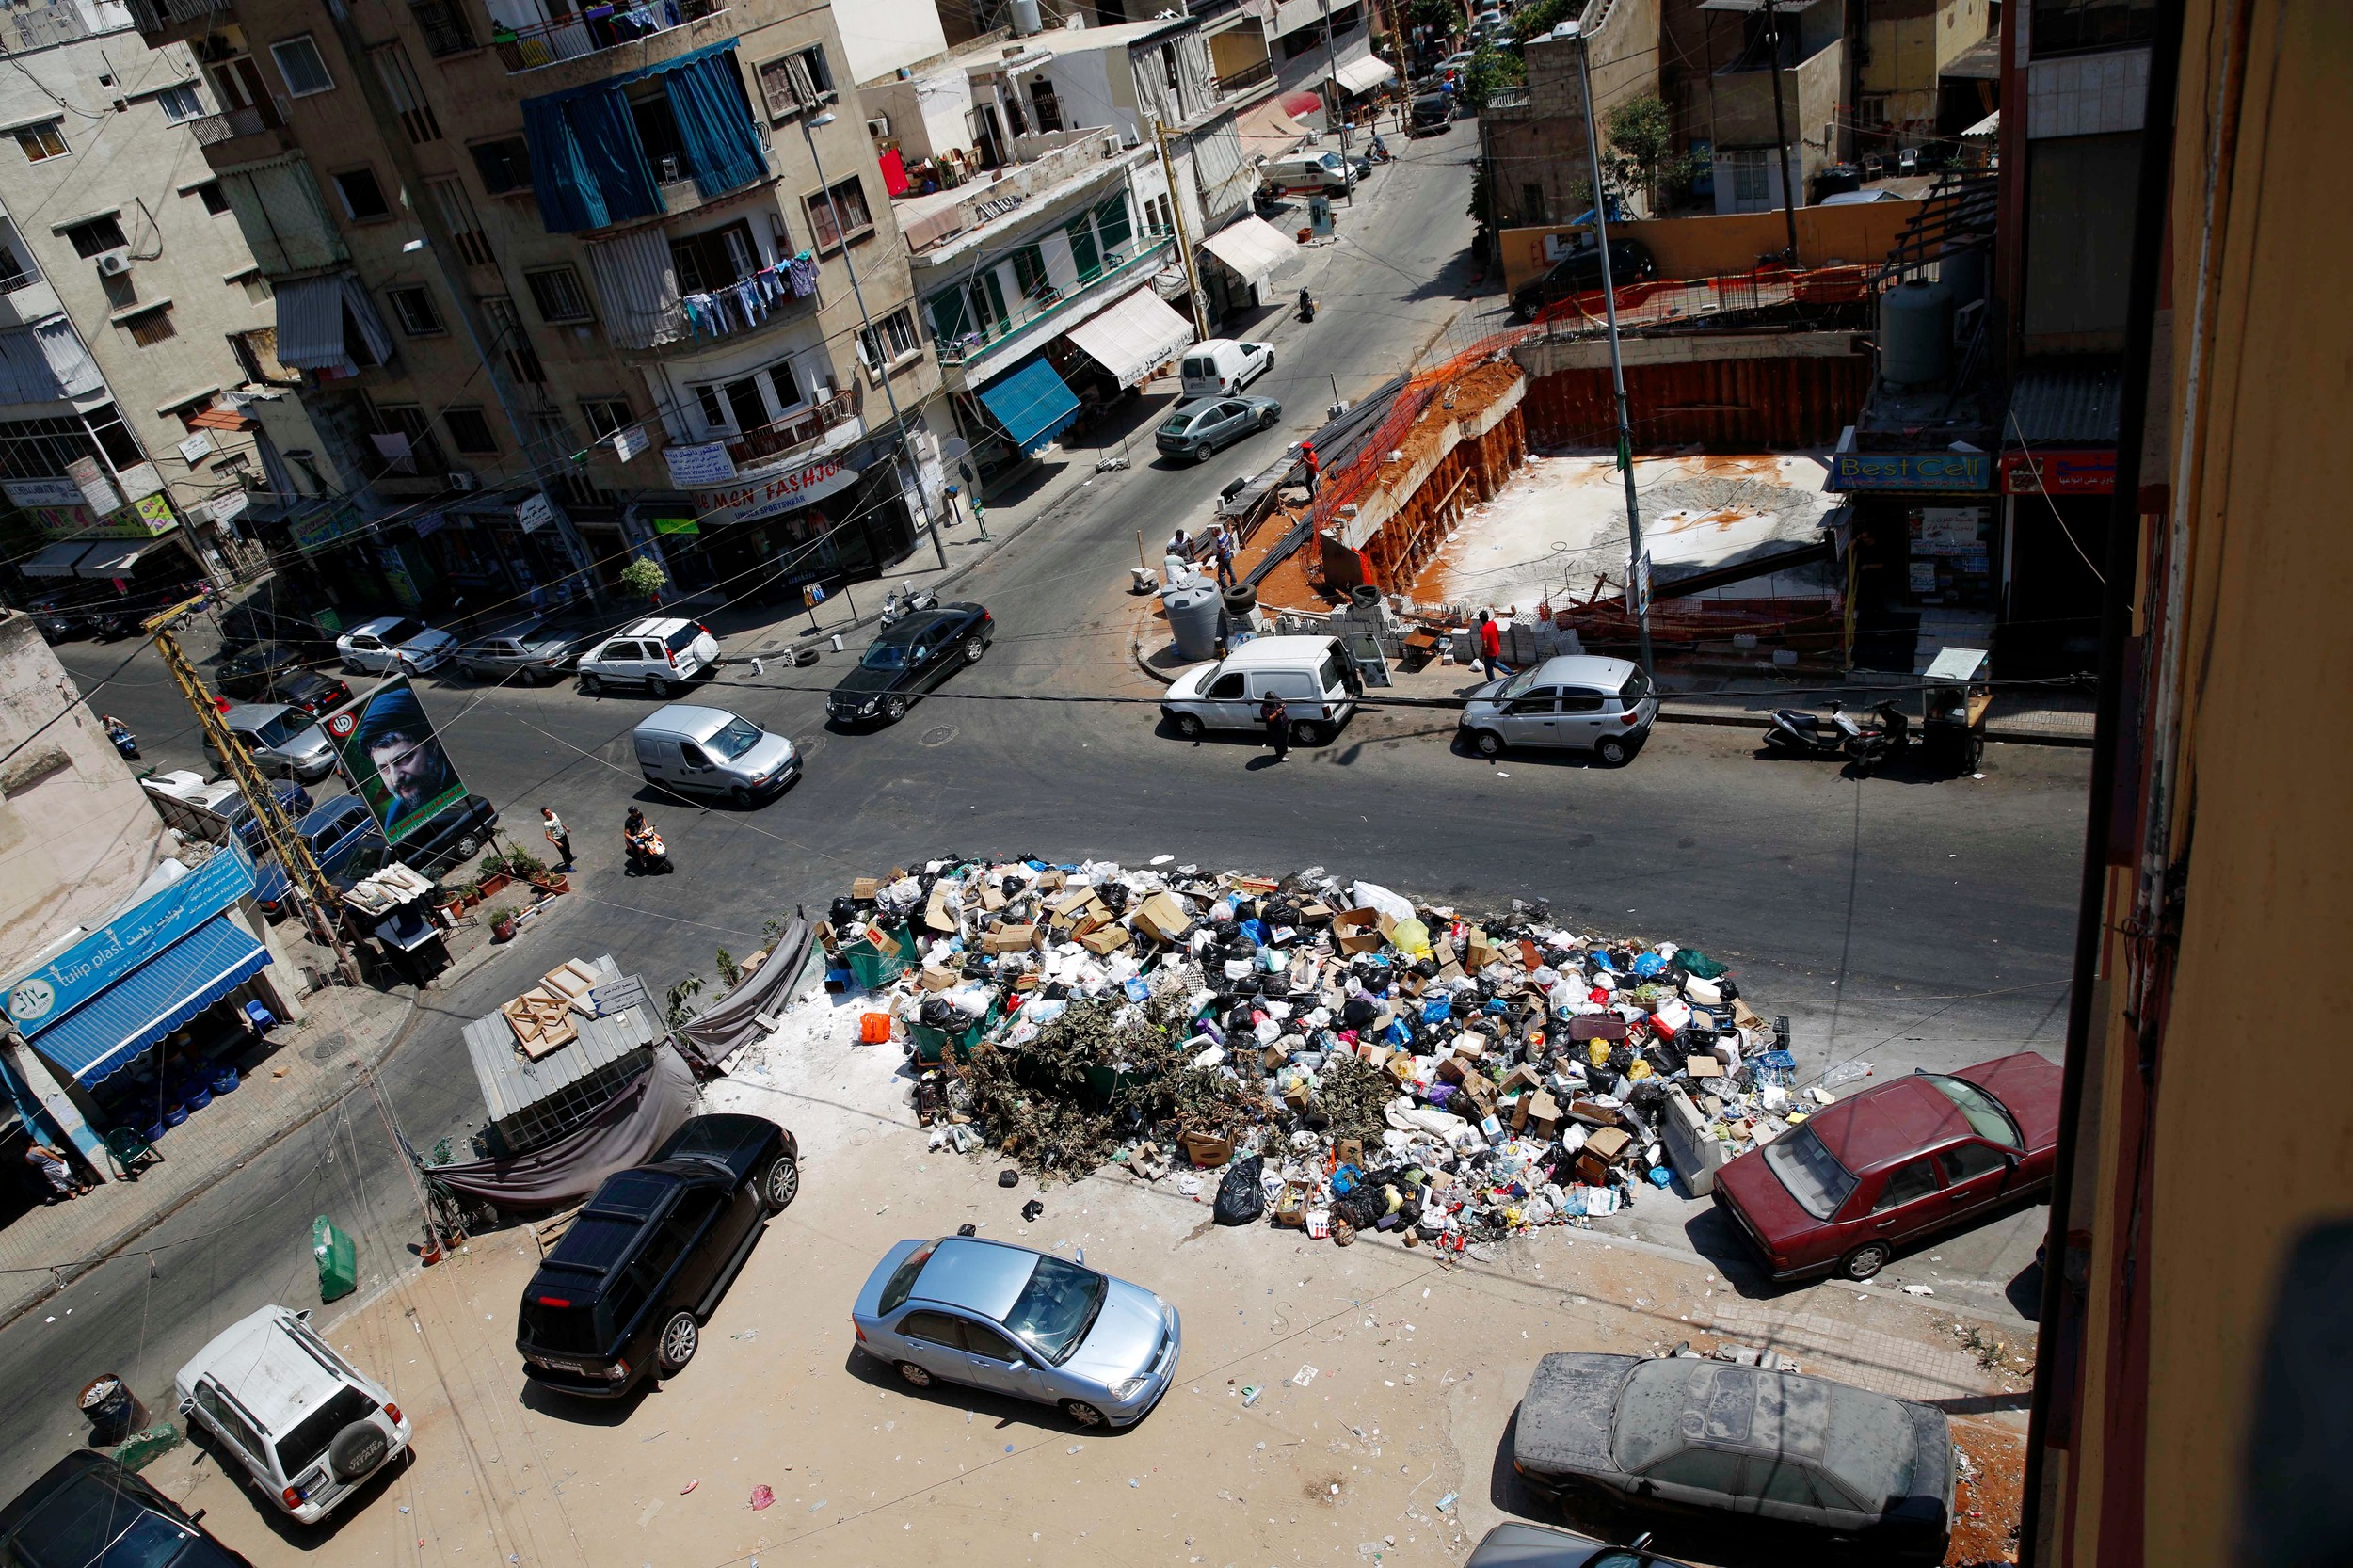 http://www.blogcdn.com/slideshows/images/slides/355/675/5/S3556755/slug/l/mideast-lebanon-trash-1.jpg